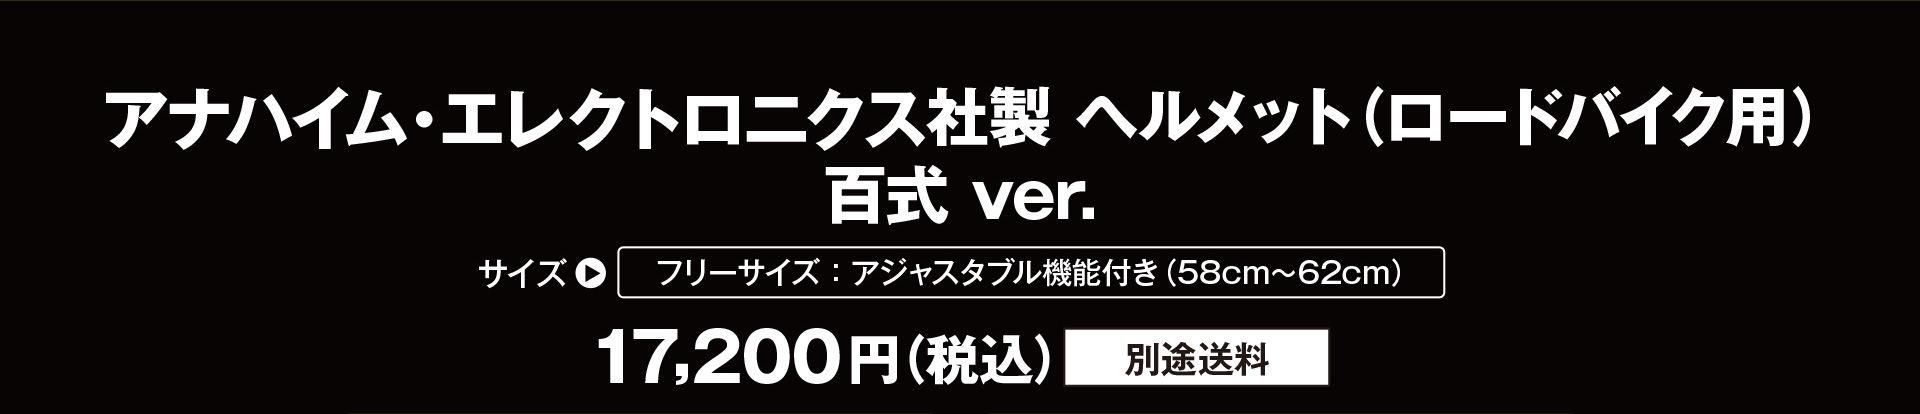 ヘルメット(ロードバイク用)百式ver.